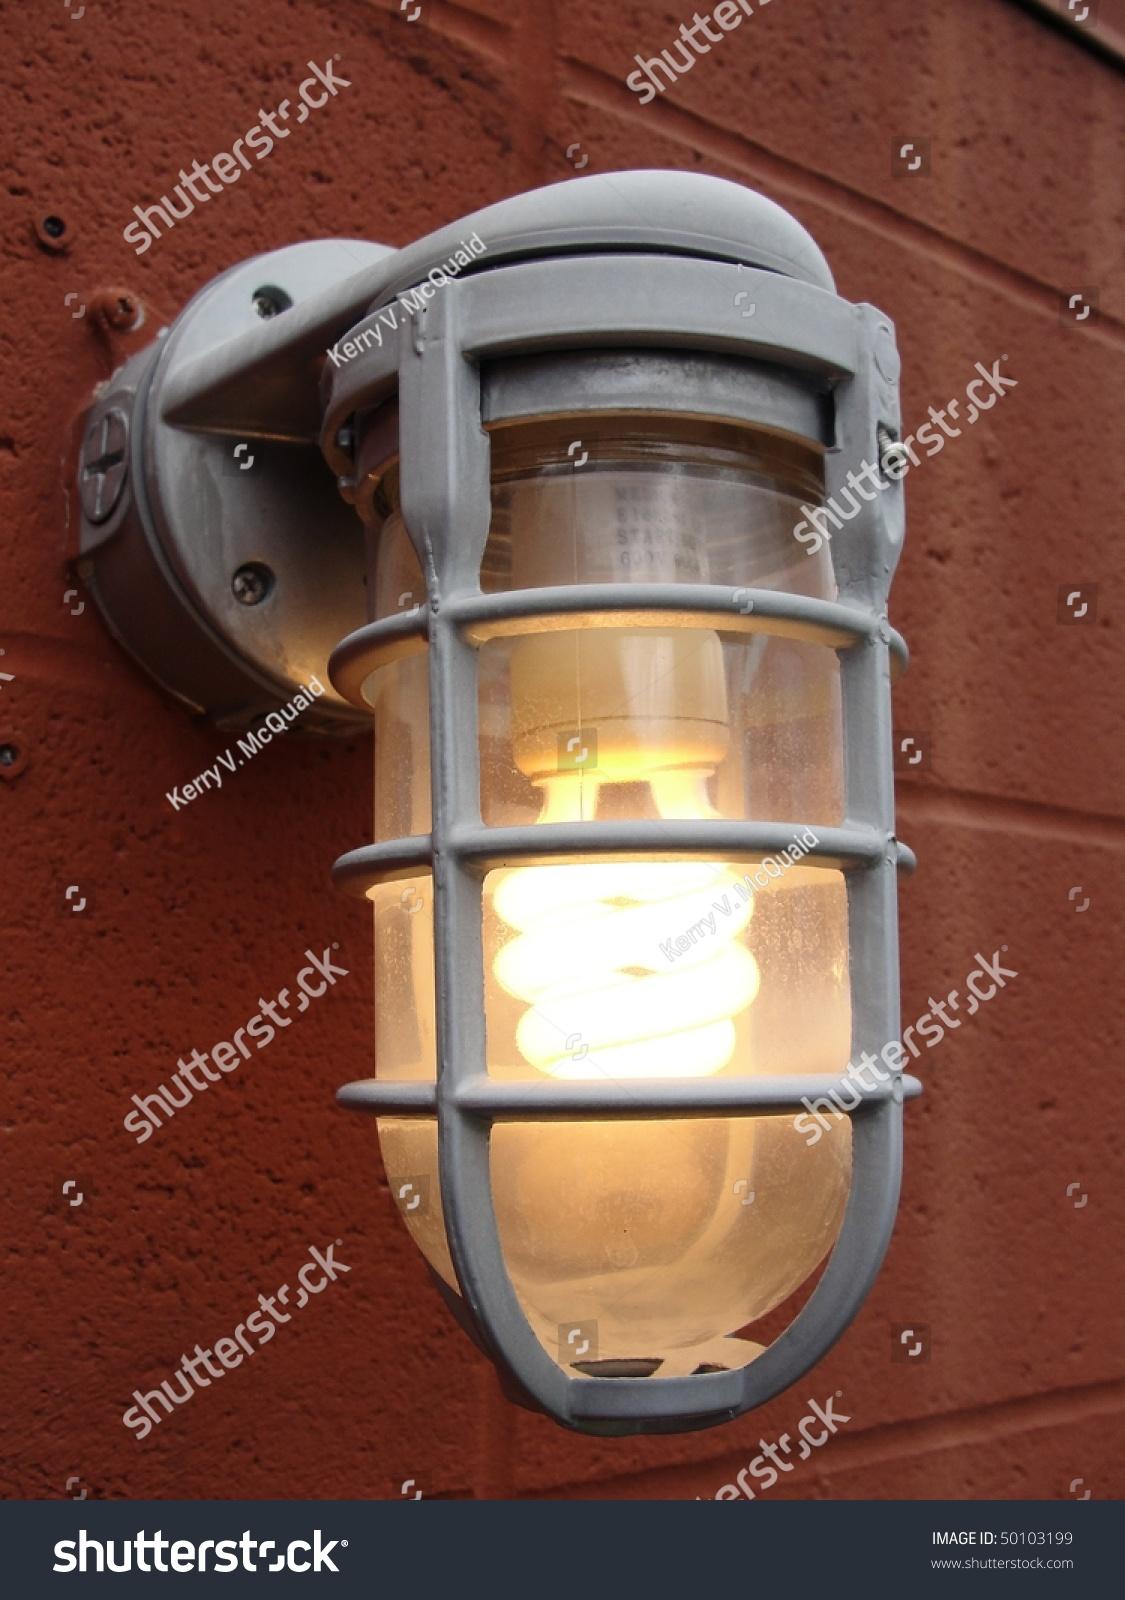 Illuminated lit compact fluorescent light bulb stock photo an illuminated lit compact fluorescent light bulb cfl in an outdoor fixture aloadofball Images